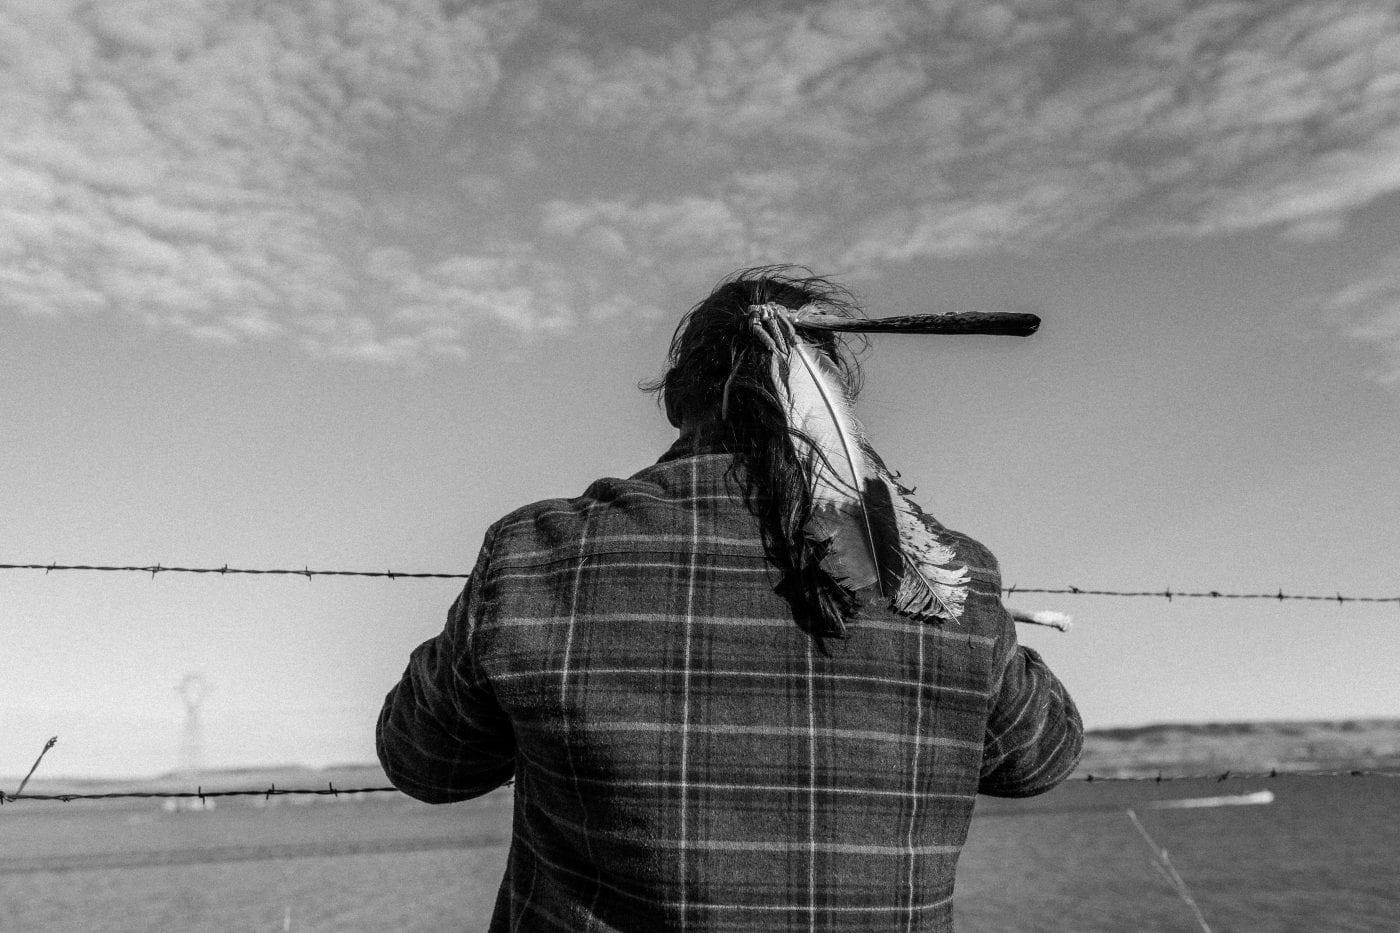 Indigenous Man Praying